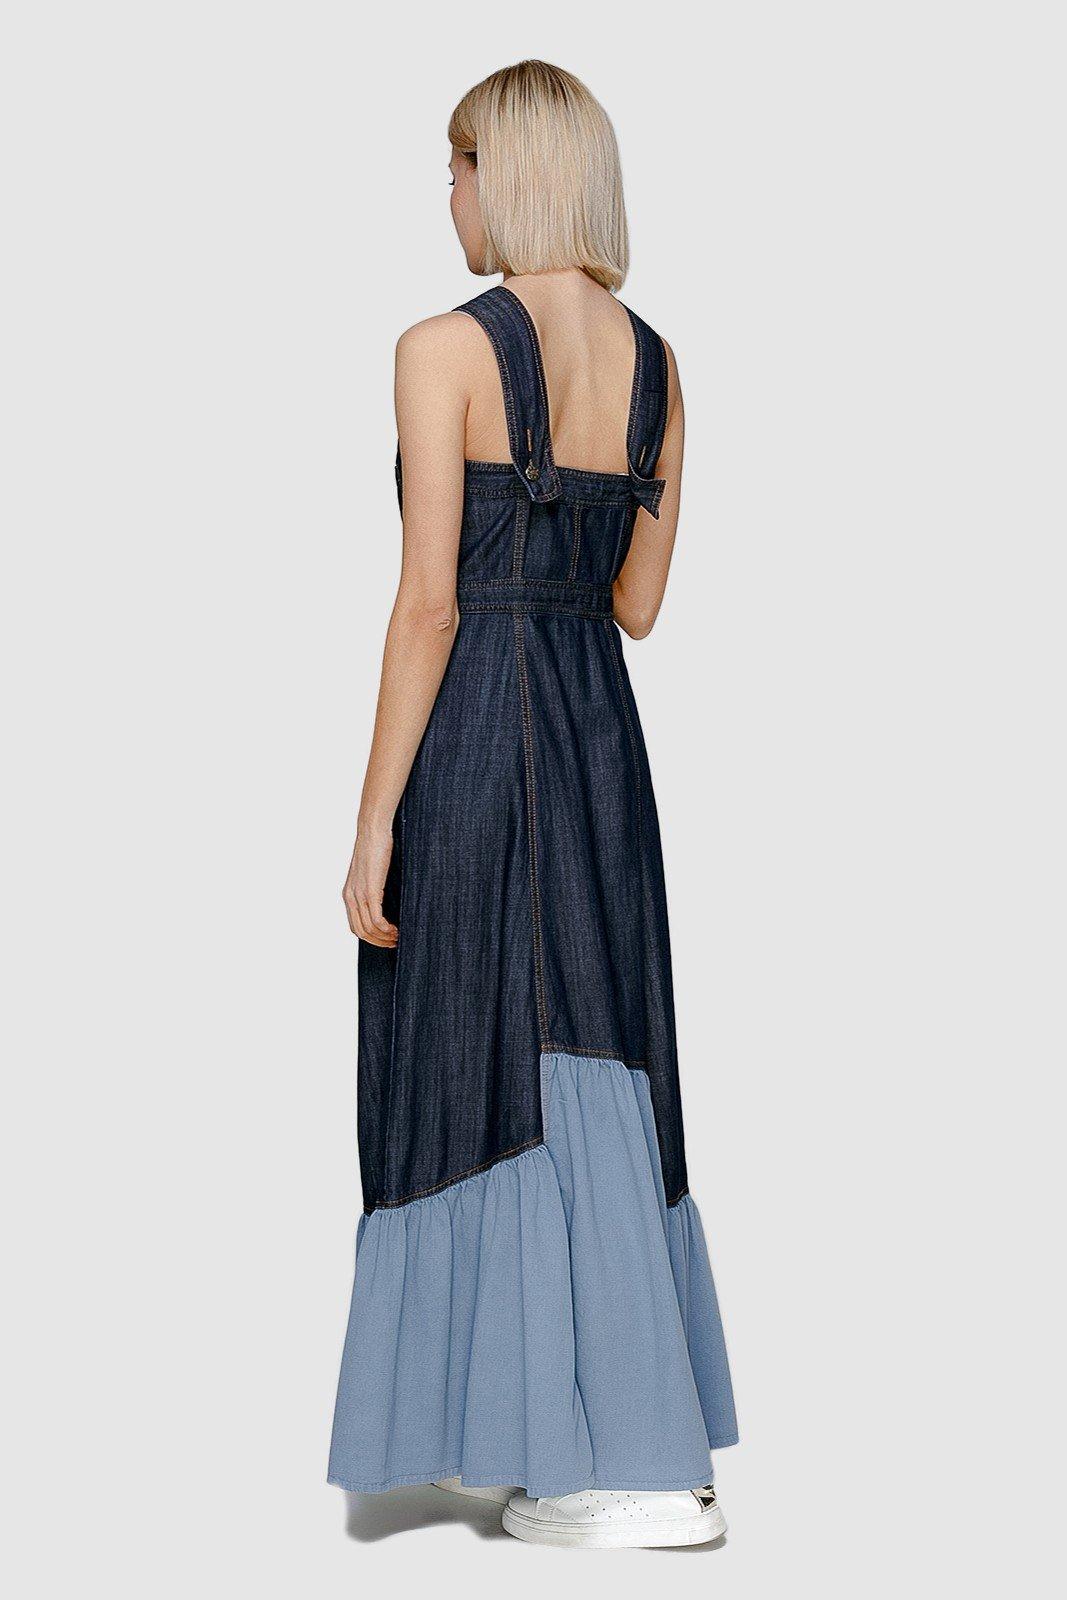 Платье Сен-Тропе